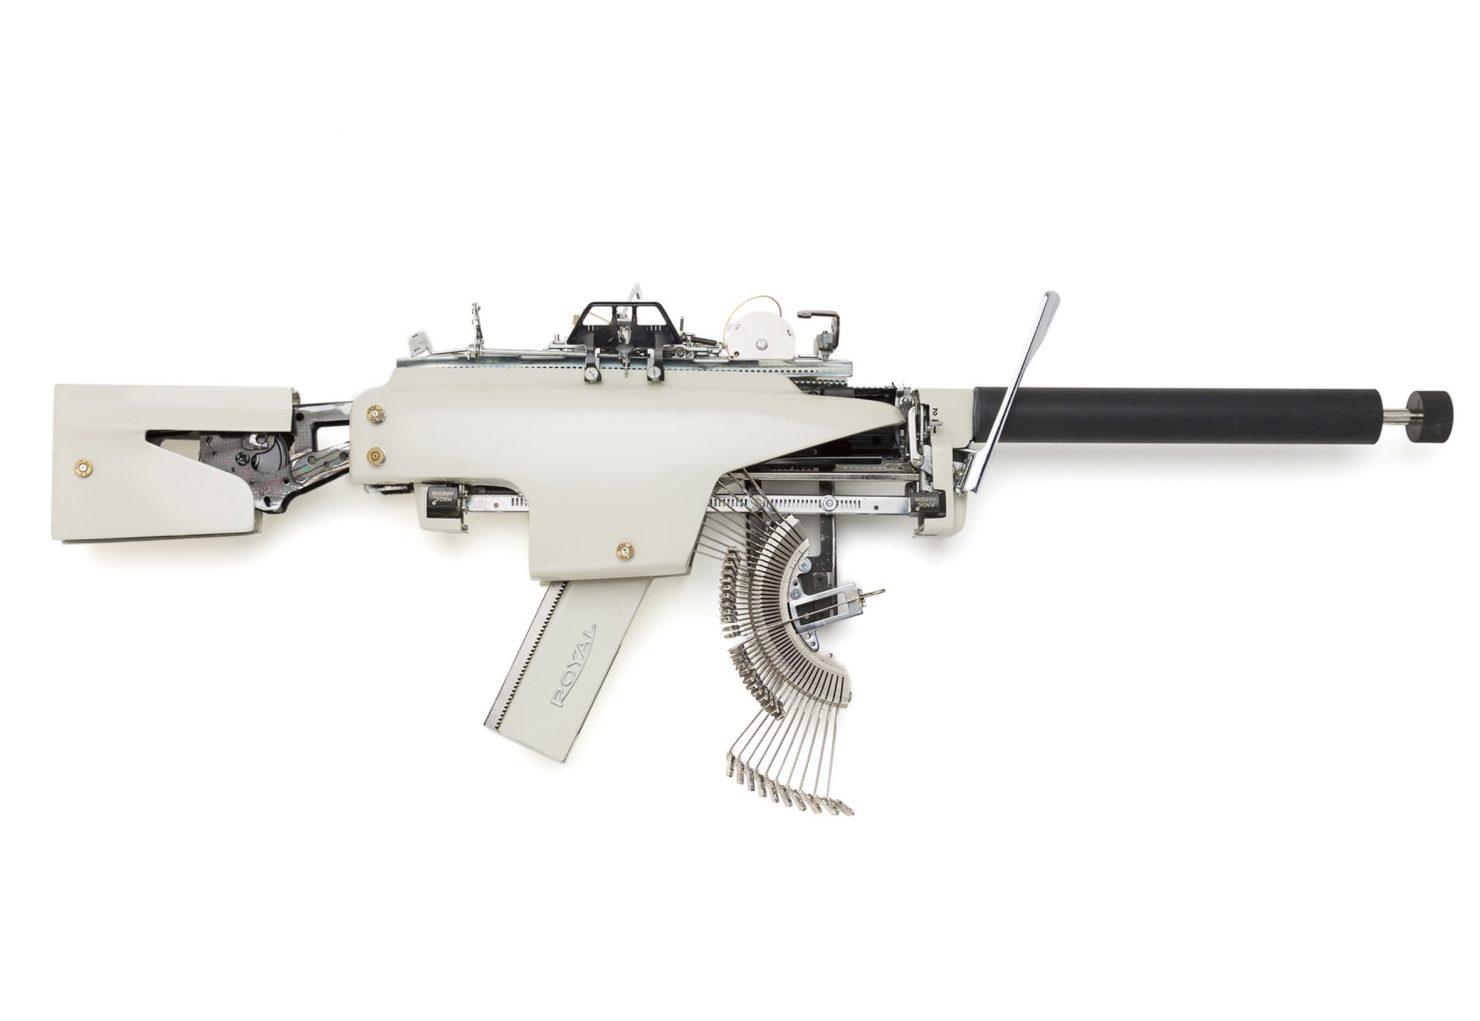 Typewriter Guns 8 1480x1021 - Typewriter Guns